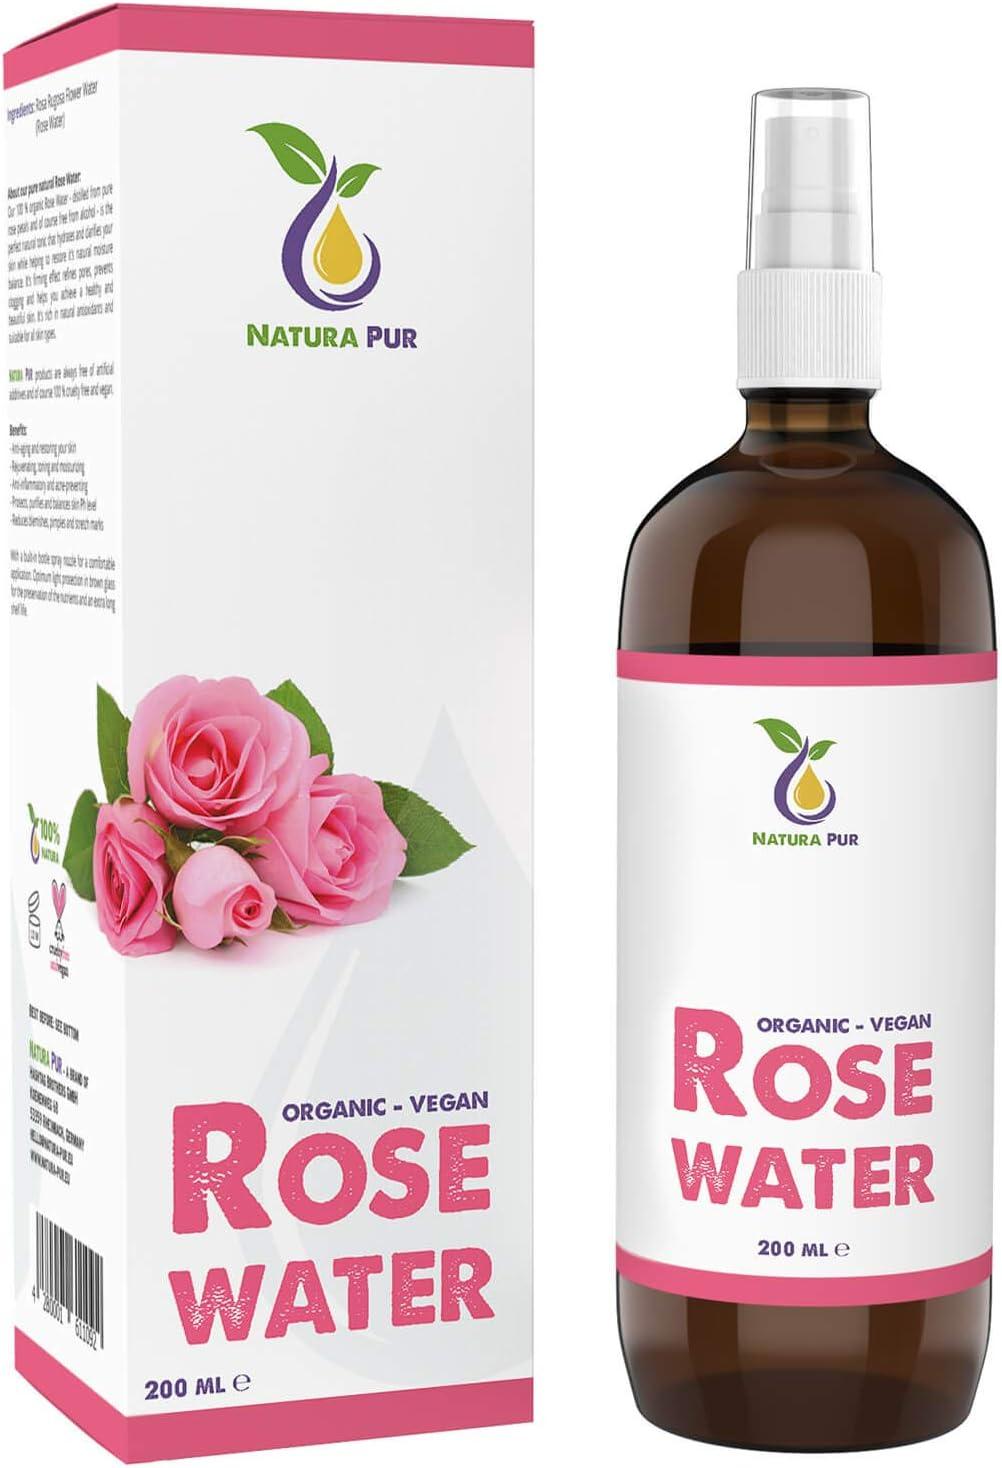 NATURA PUR Agua de Rosas Natural en Spray 200 ml - Hidrolato de Rosas Bío 100% Puro, Orgánico y Vegano - desmaquillante y tónico para piel y cara con imperfecciones, granos y acné